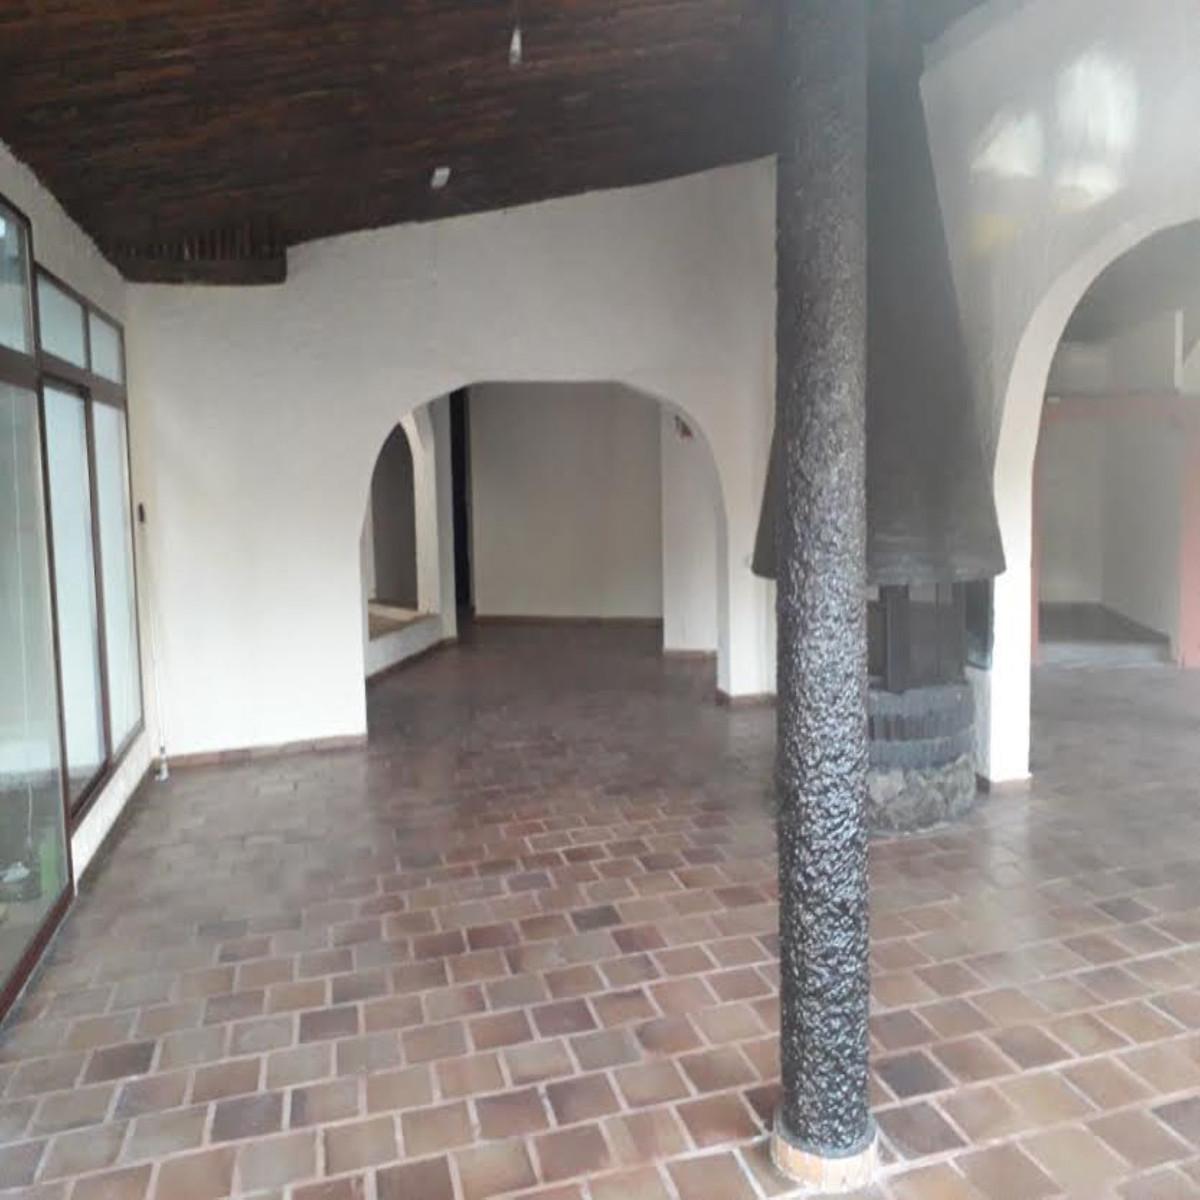 Comercial con 0 Dormitorios en Venta Elviria